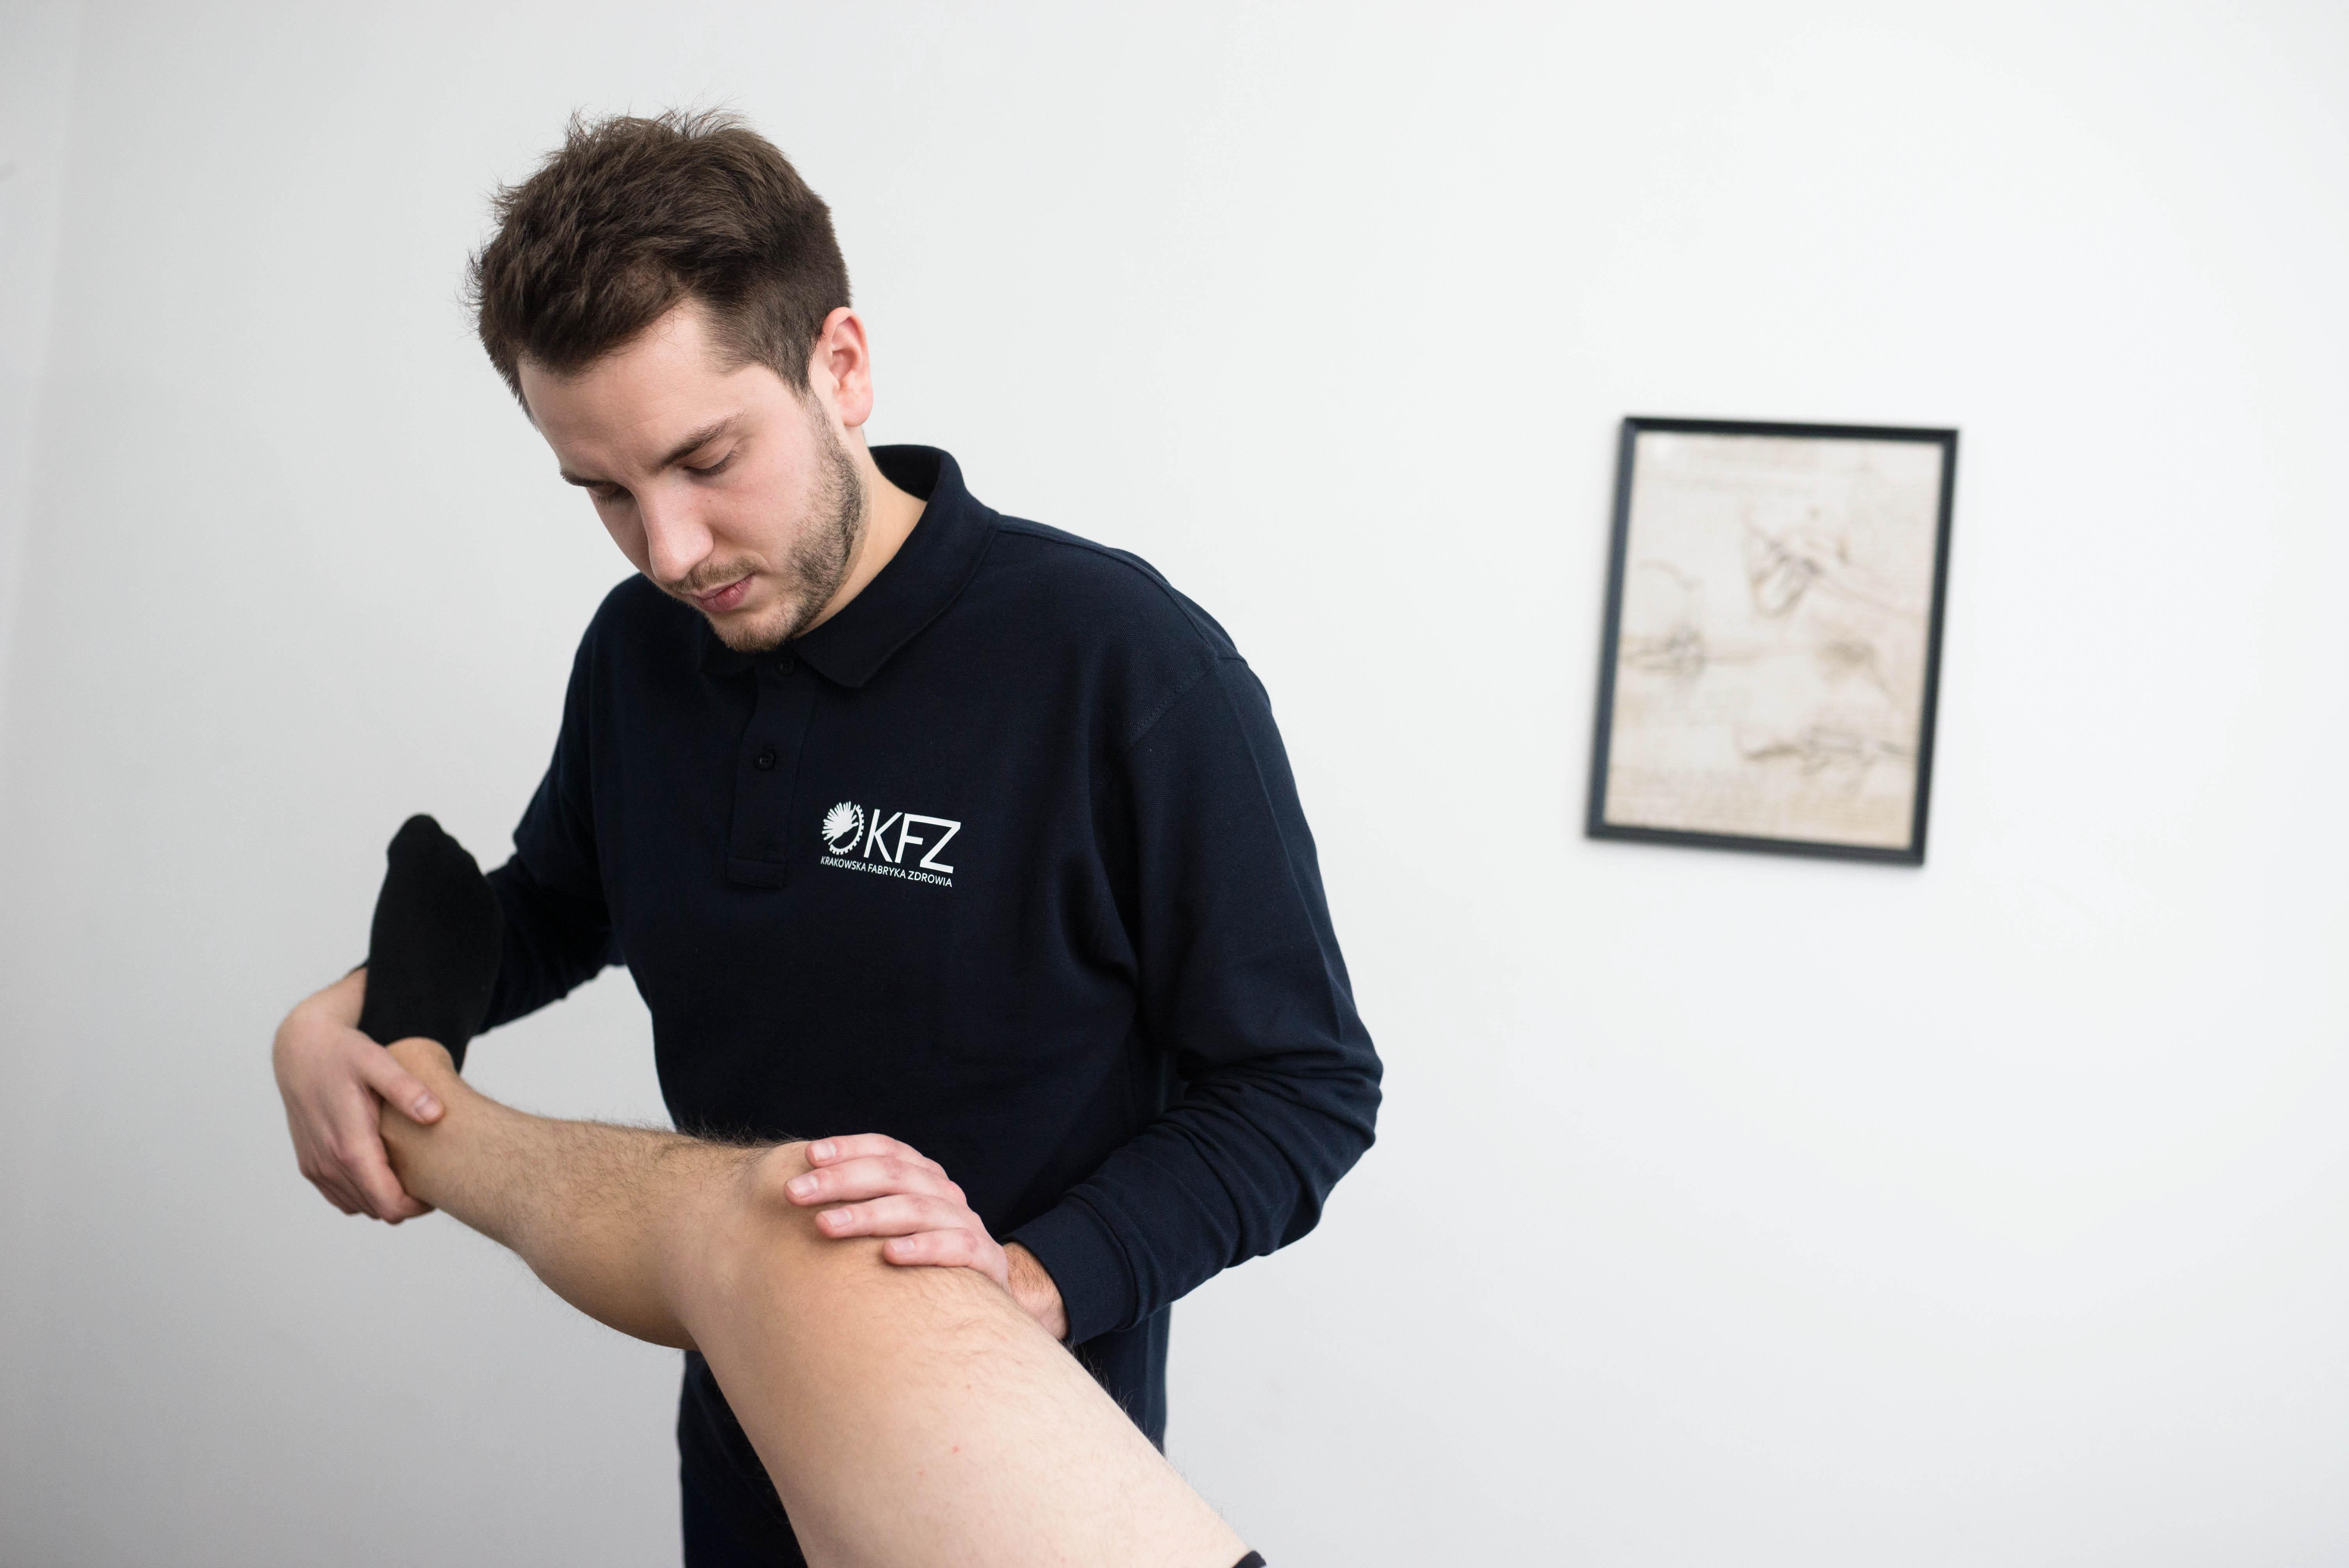 kontuzje kolana ból kolana urazy kolana kontuzje sportowe kolano skoczka